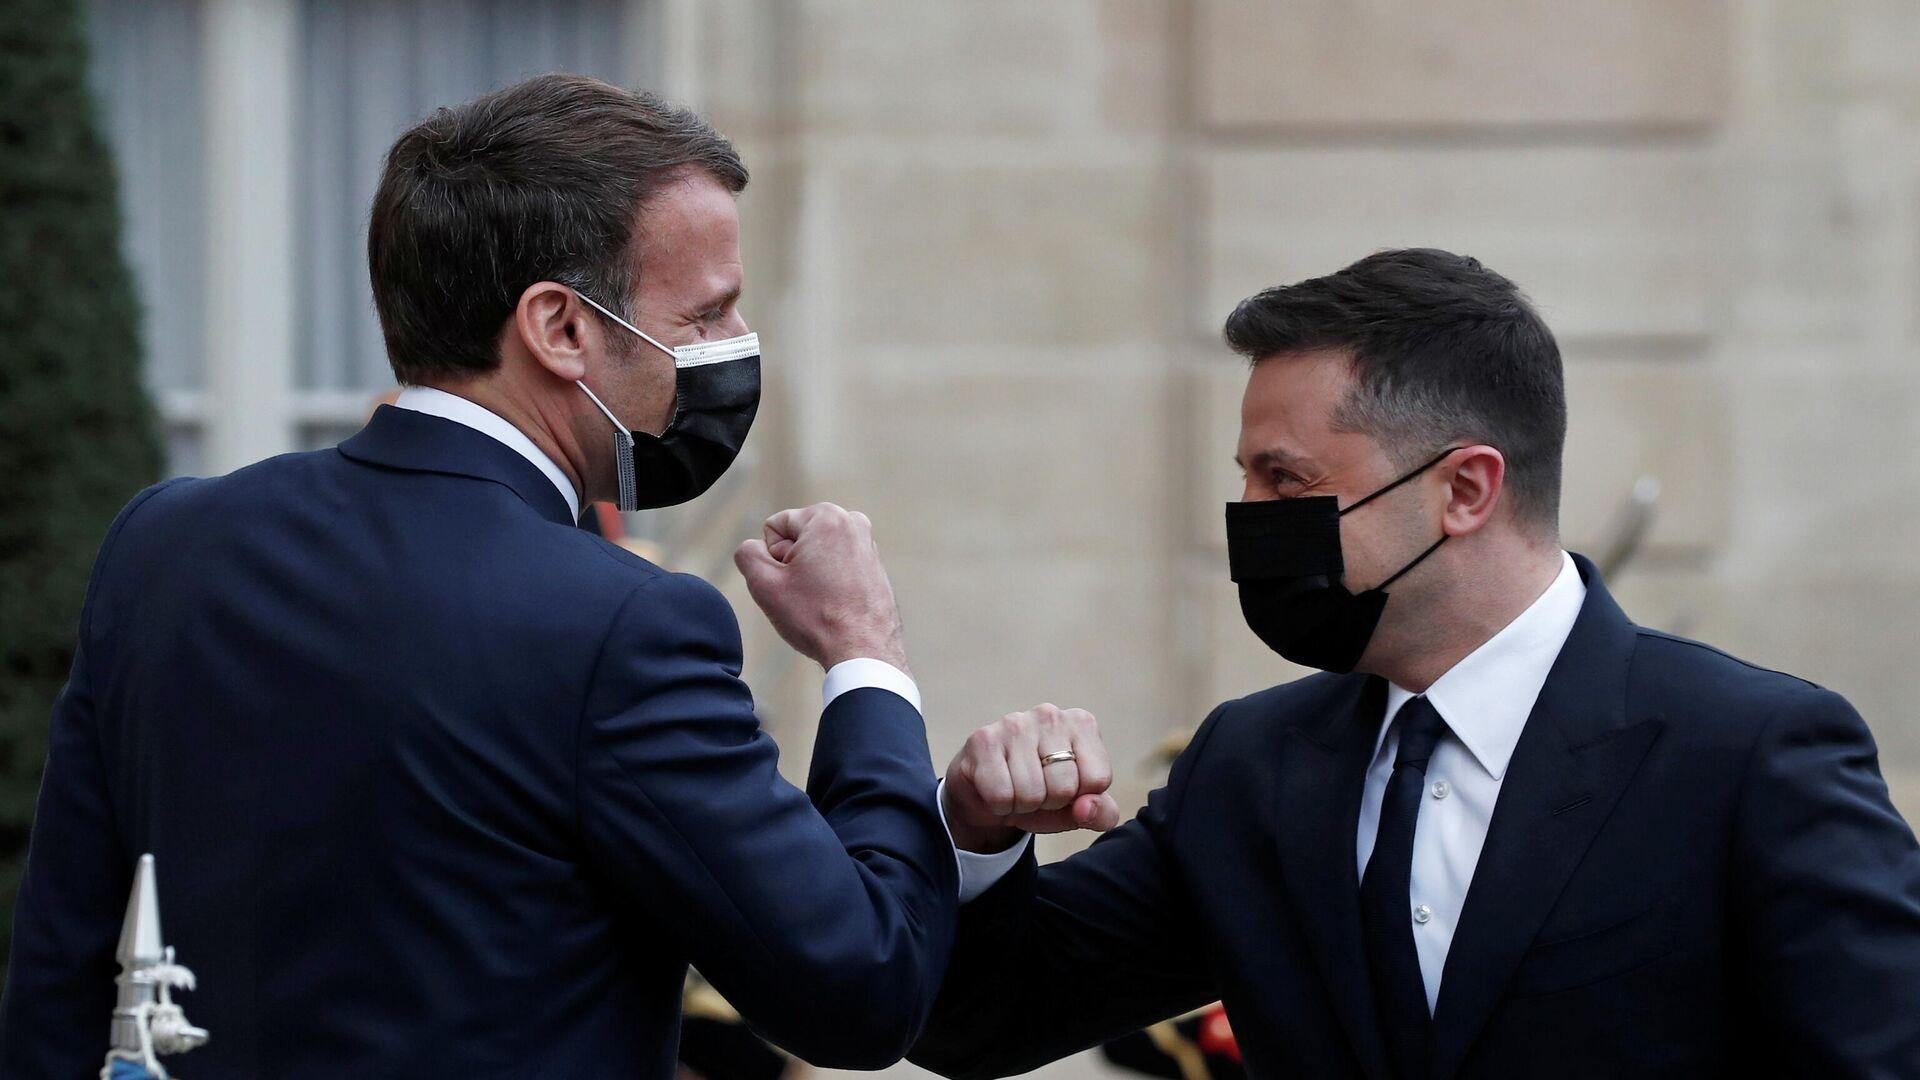 El encuentro del presidente de Francia, Emmanuel Macron, con su par de Ucrania, Volodímir Zelenski - Sputnik Mundo, 1920, 19.04.2021